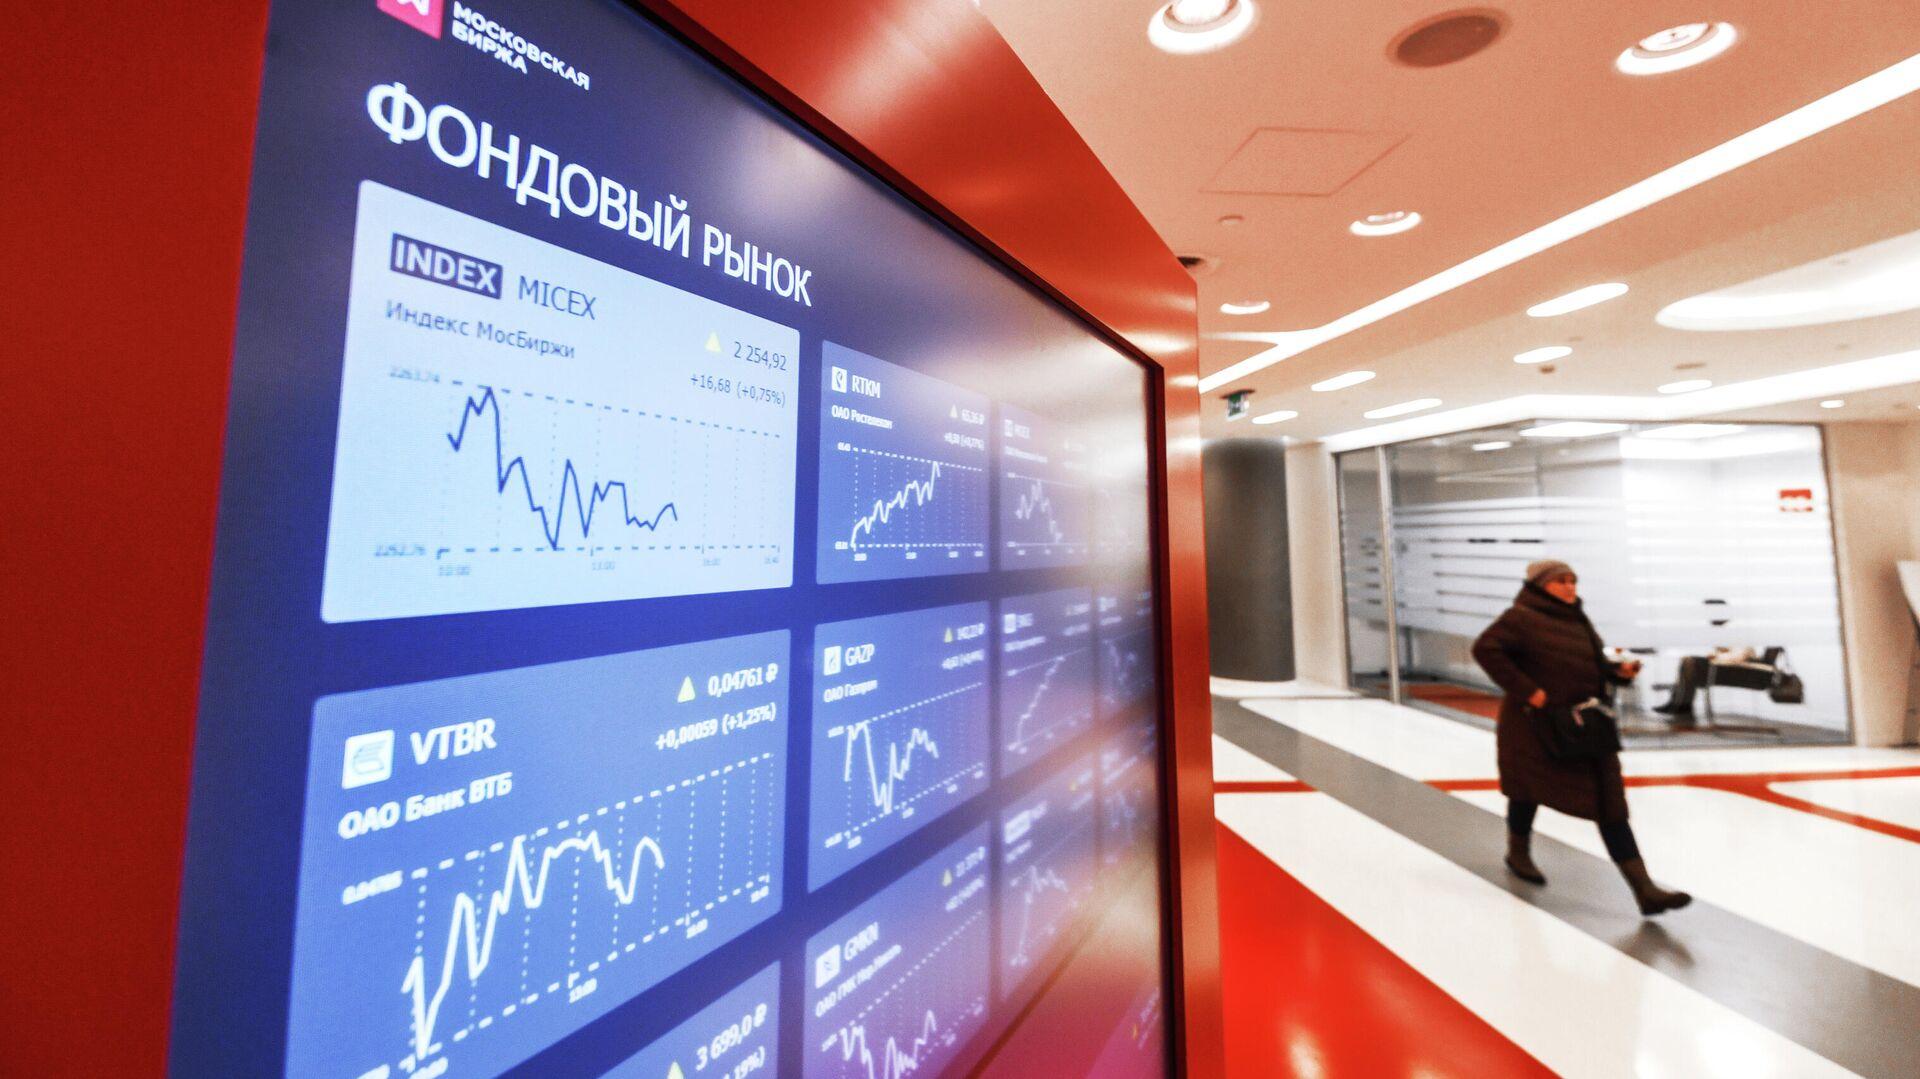 Котировки фондового рынка на экране в здании Московской биржи - РИА Новости, 1920, 25.02.2021